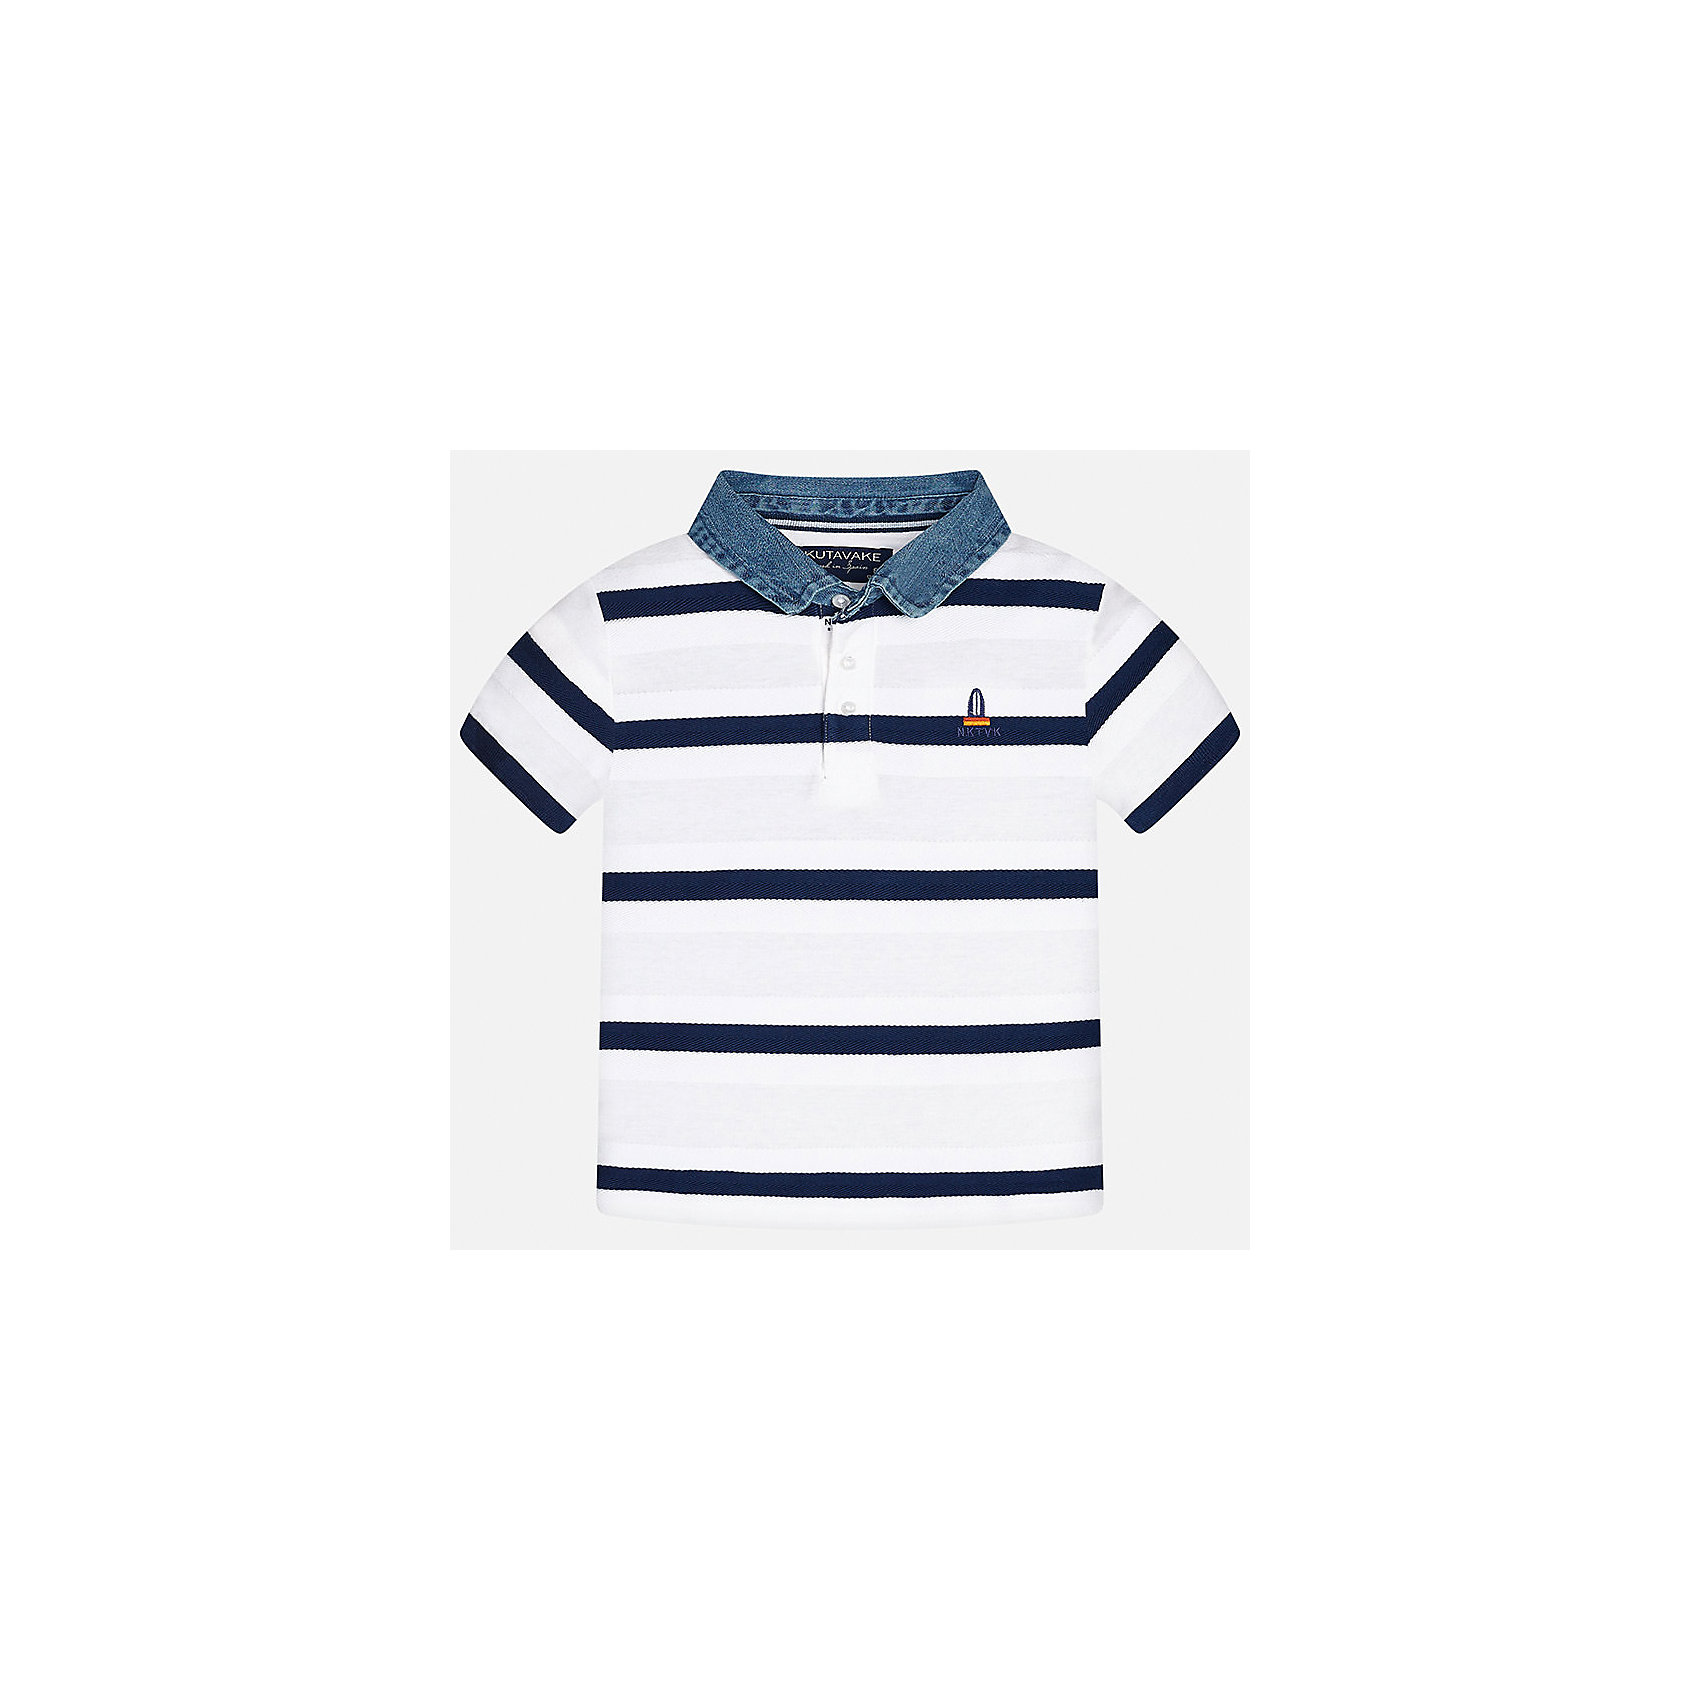 Футболка-поло для мальчика MayoralФутболки, поло и топы<br>Характеристики товара:<br><br>• цвет: белый<br>• состав: 100% хлопок<br>• отложной воротник<br>• декорирована вышивкой<br>• короткие рукава<br>• застежки: пуговицы<br>• страна бренда: Испания<br><br>Удобная стильная футболка-поло поможет разнообразить гардероб мальчика. Она отлично сочетается с брюками, шортами, джинсами. Универсальный крой и цвет позволяет подобрать к вещи низ разных расцветок. Практичное и стильное изделие! Хорошо смотрится и комфортно сидит на детях. В составе материала - только натуральный хлопок, гипоаллергенный, приятный на ощупь, дышащий. <br><br>Одежда, обувь и аксессуары от испанского бренда Mayoral полюбились детям и взрослым по всему миру. Модели этой марки - стильные и удобные. Для их производства используются только безопасные, качественные материалы и фурнитура. Порадуйте ребенка модными и красивыми вещами от Mayoral! <br><br>Футболку-поло для мальчика от испанского бренда Mayoral (Майорал) можно купить в нашем интернет-магазине.<br><br>Ширина мм: 199<br>Глубина мм: 10<br>Высота мм: 161<br>Вес г: 151<br>Цвет: белый<br>Возраст от месяцев: 84<br>Возраст до месяцев: 96<br>Пол: Мужской<br>Возраст: Детский<br>Размер: 128/134,164,140,170,158,152<br>SKU: 5281496